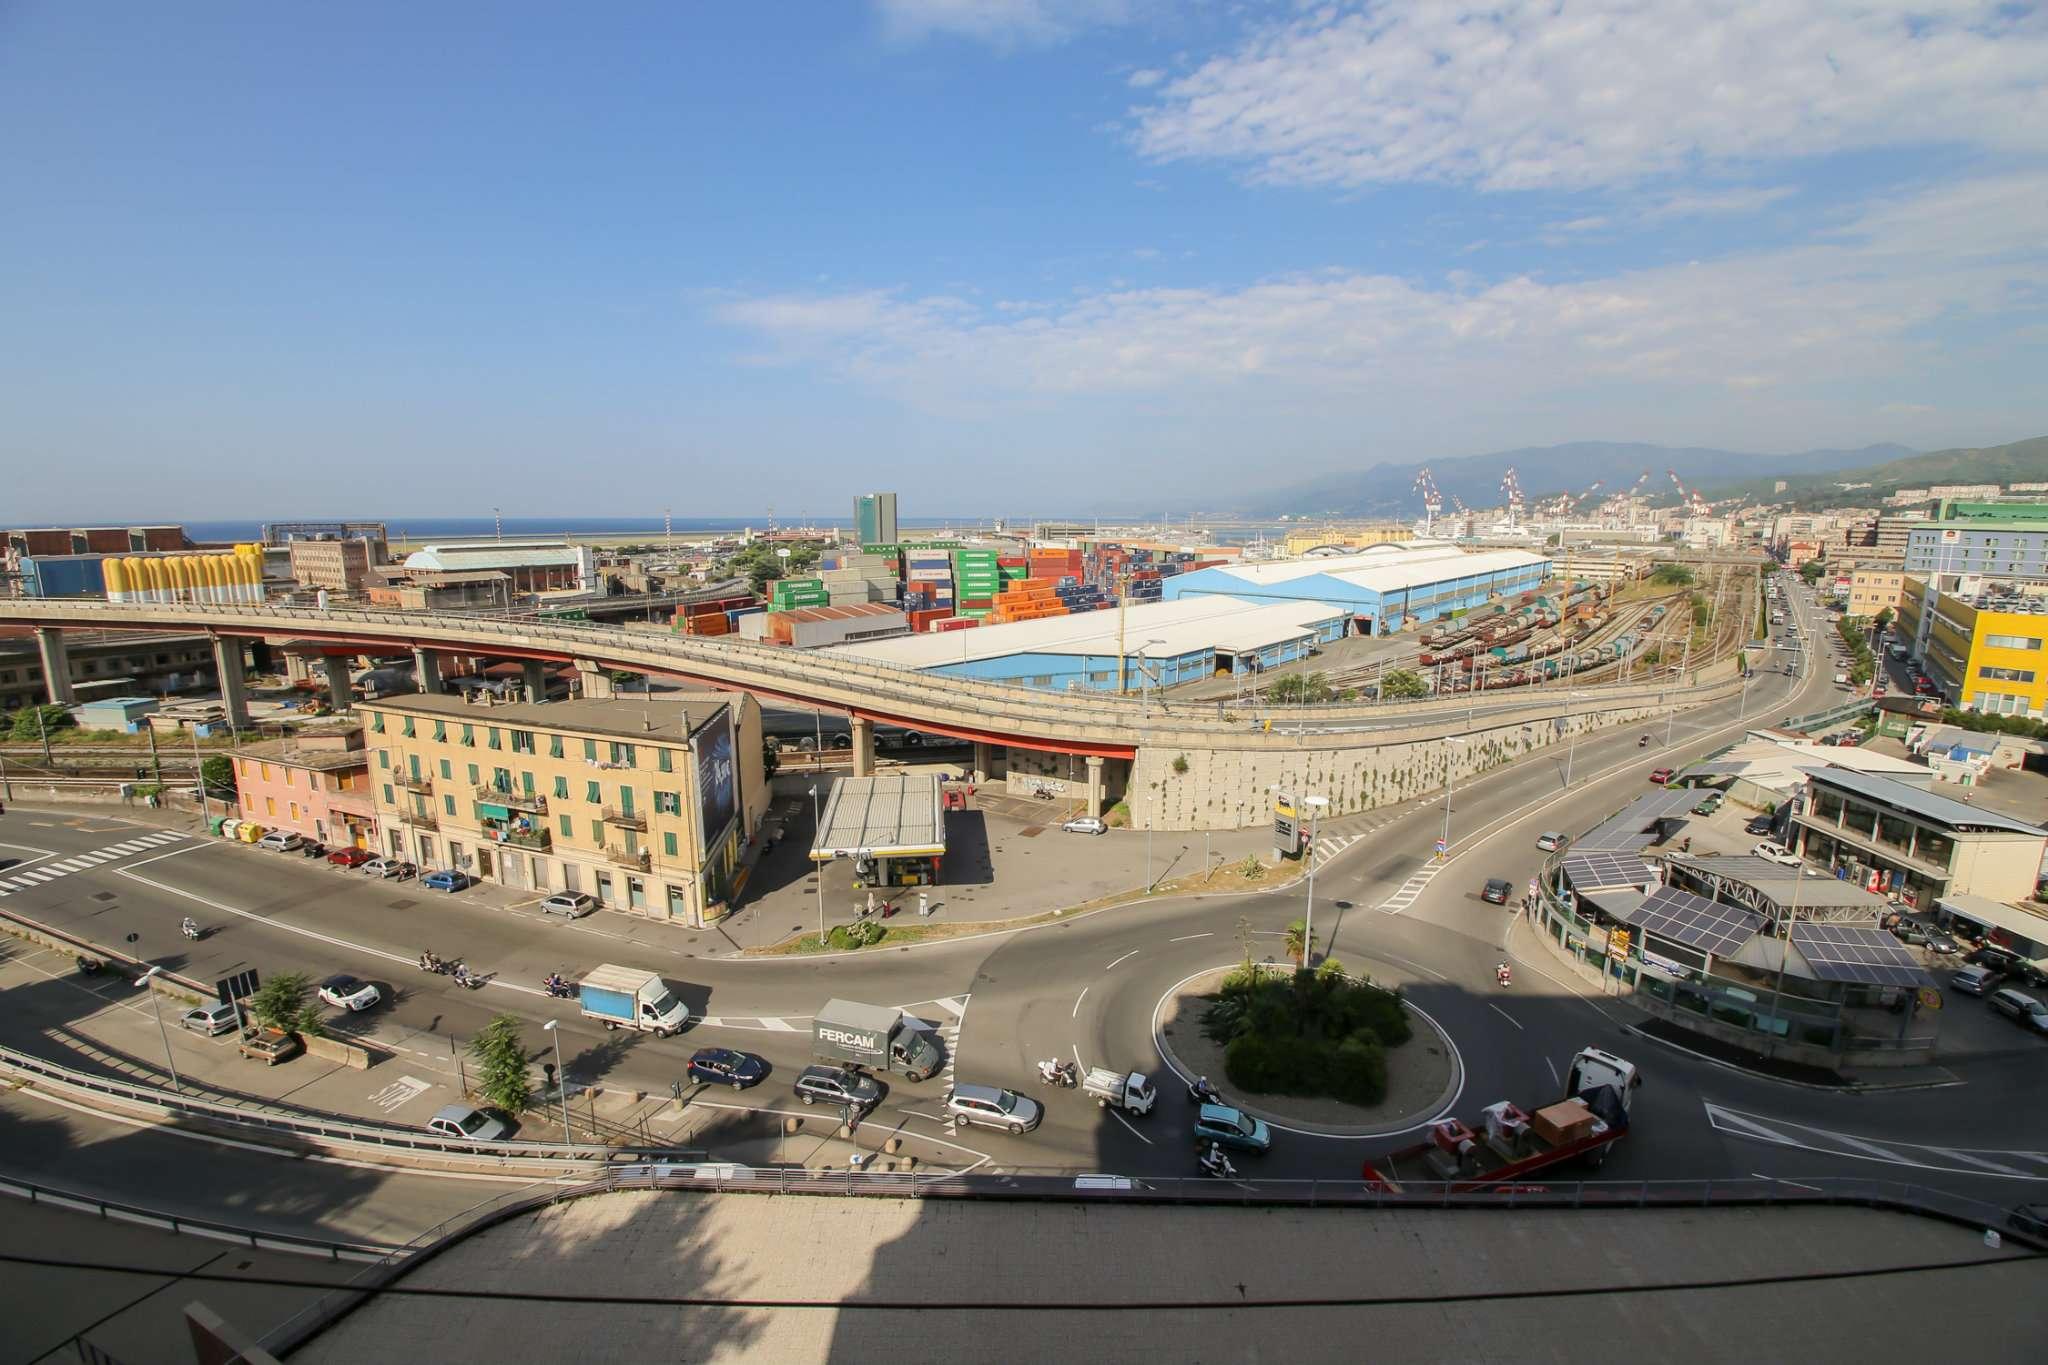 Bilocale Genova Via Dell'acciaio 1